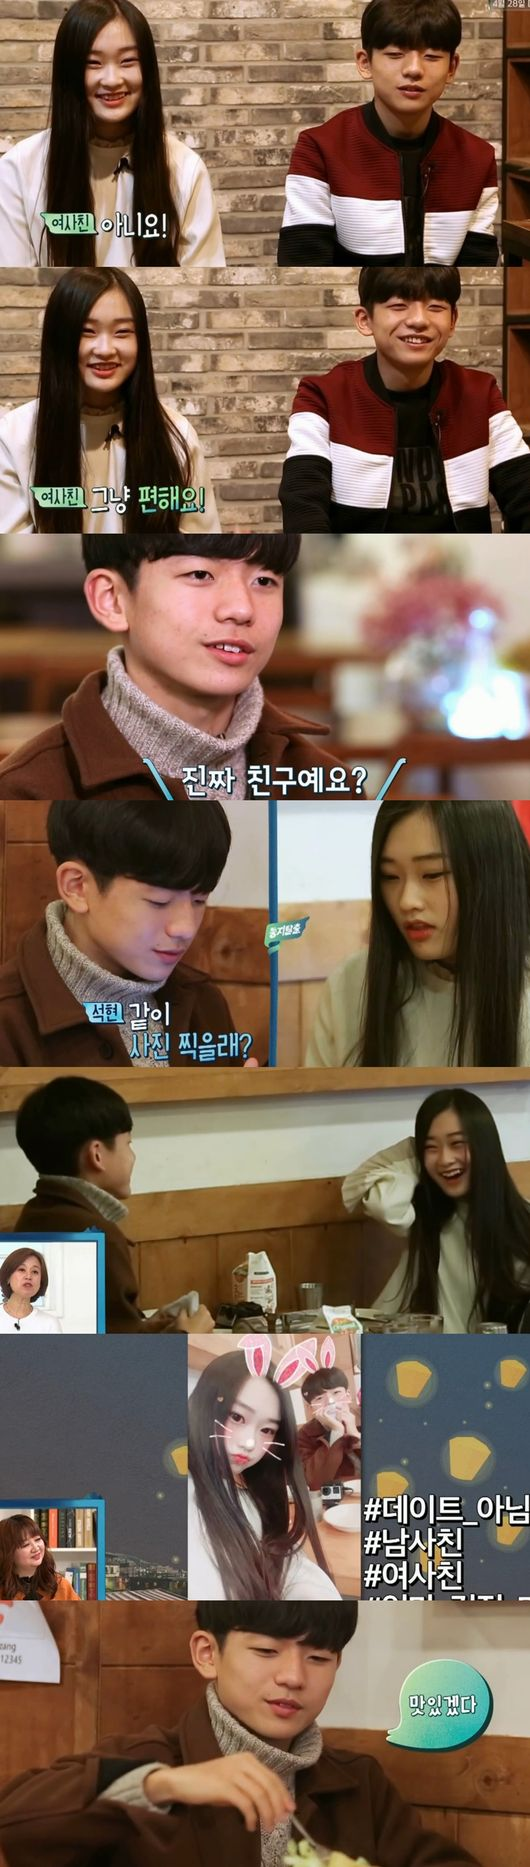 '둥지탈출3' 왕석현, 여사친 공개